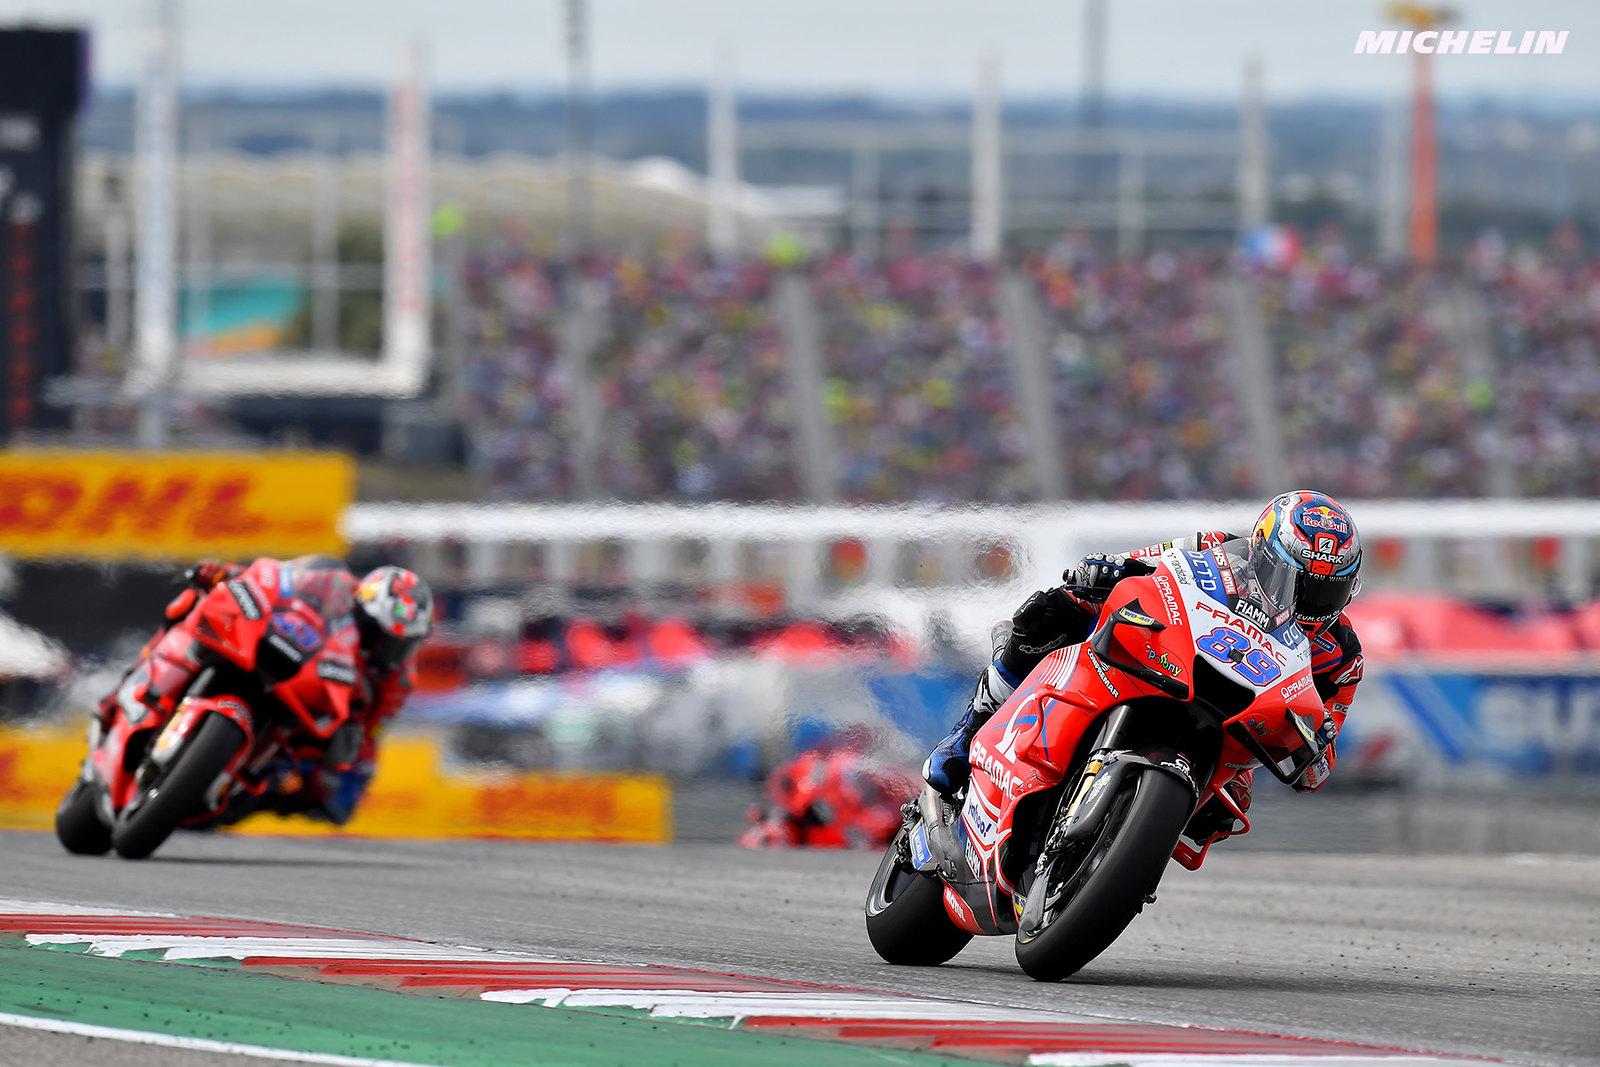 MotoGP2021アメリカズGP 5位ホルヘ・マルティン「予想外のレース結果だった」